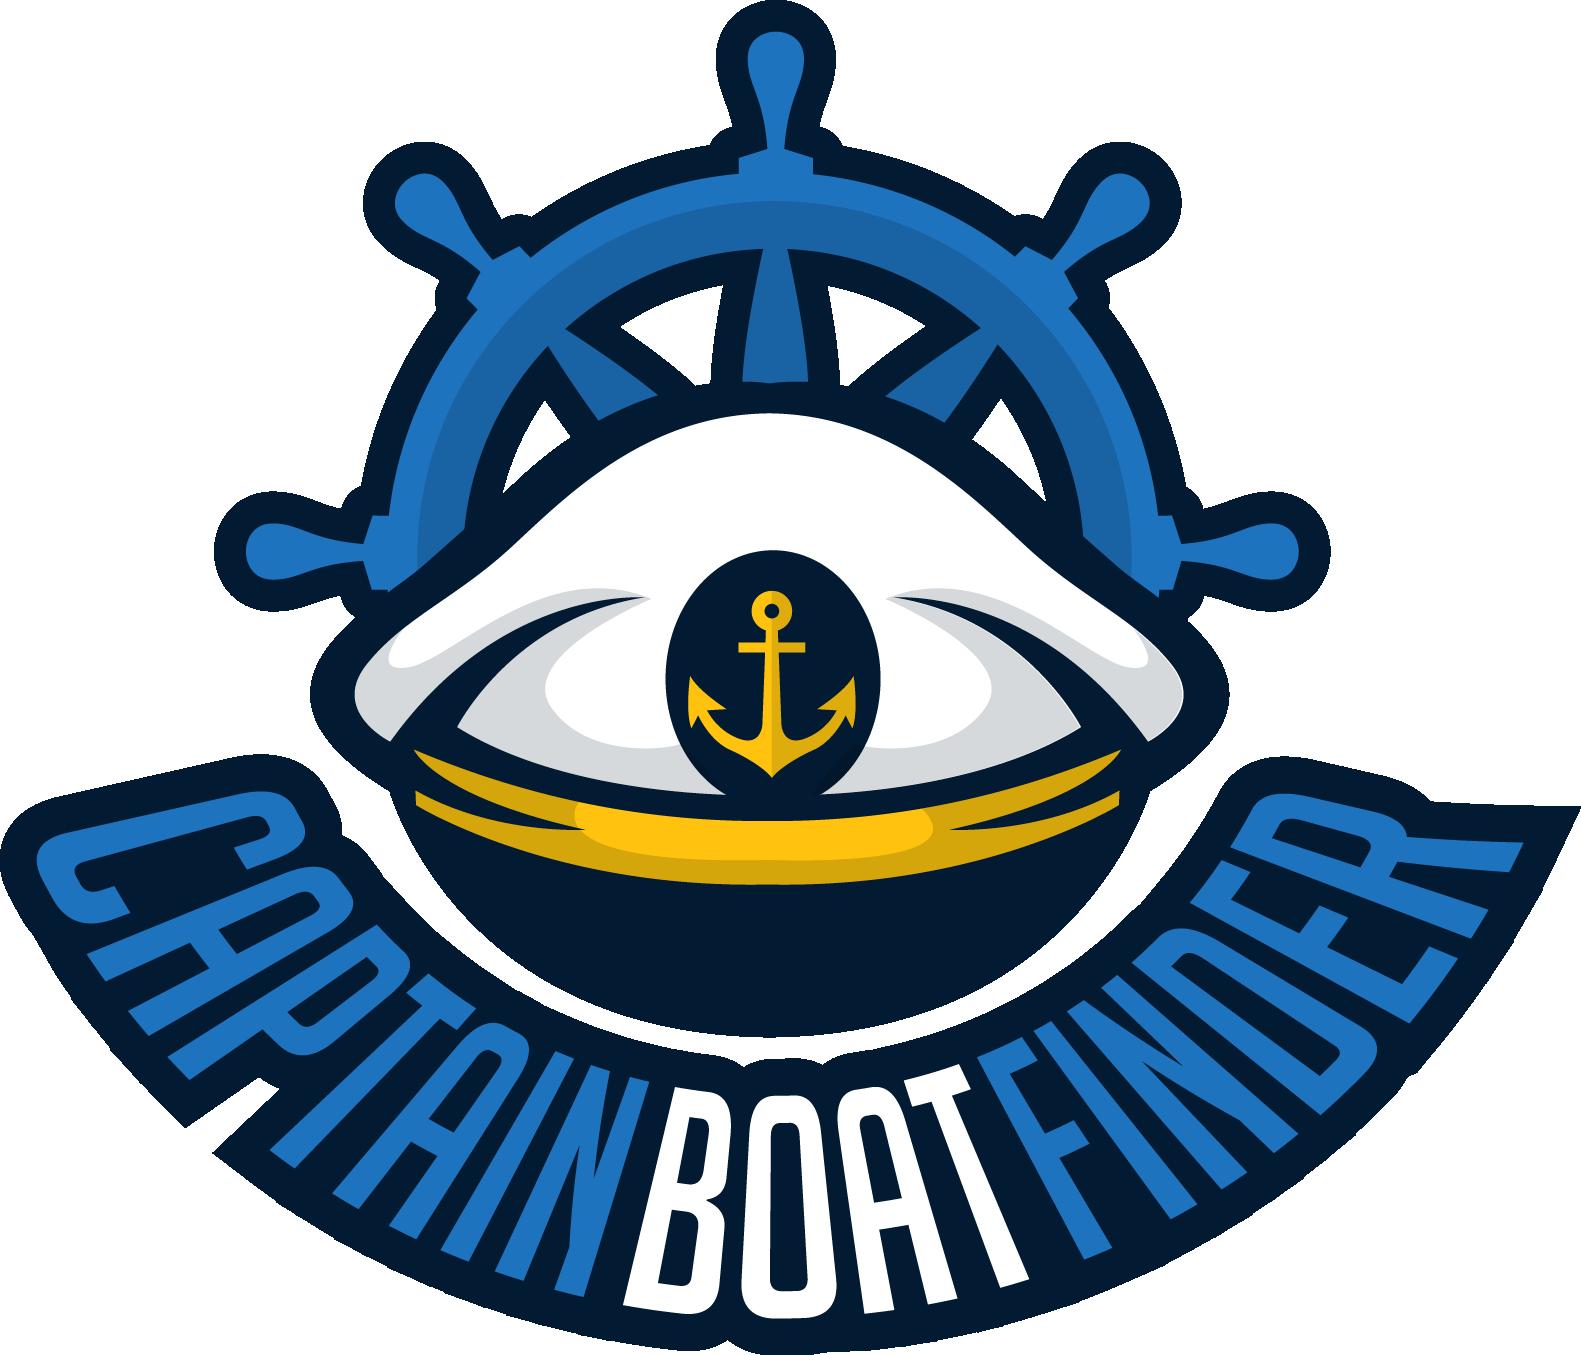 Captain Boat Finder.